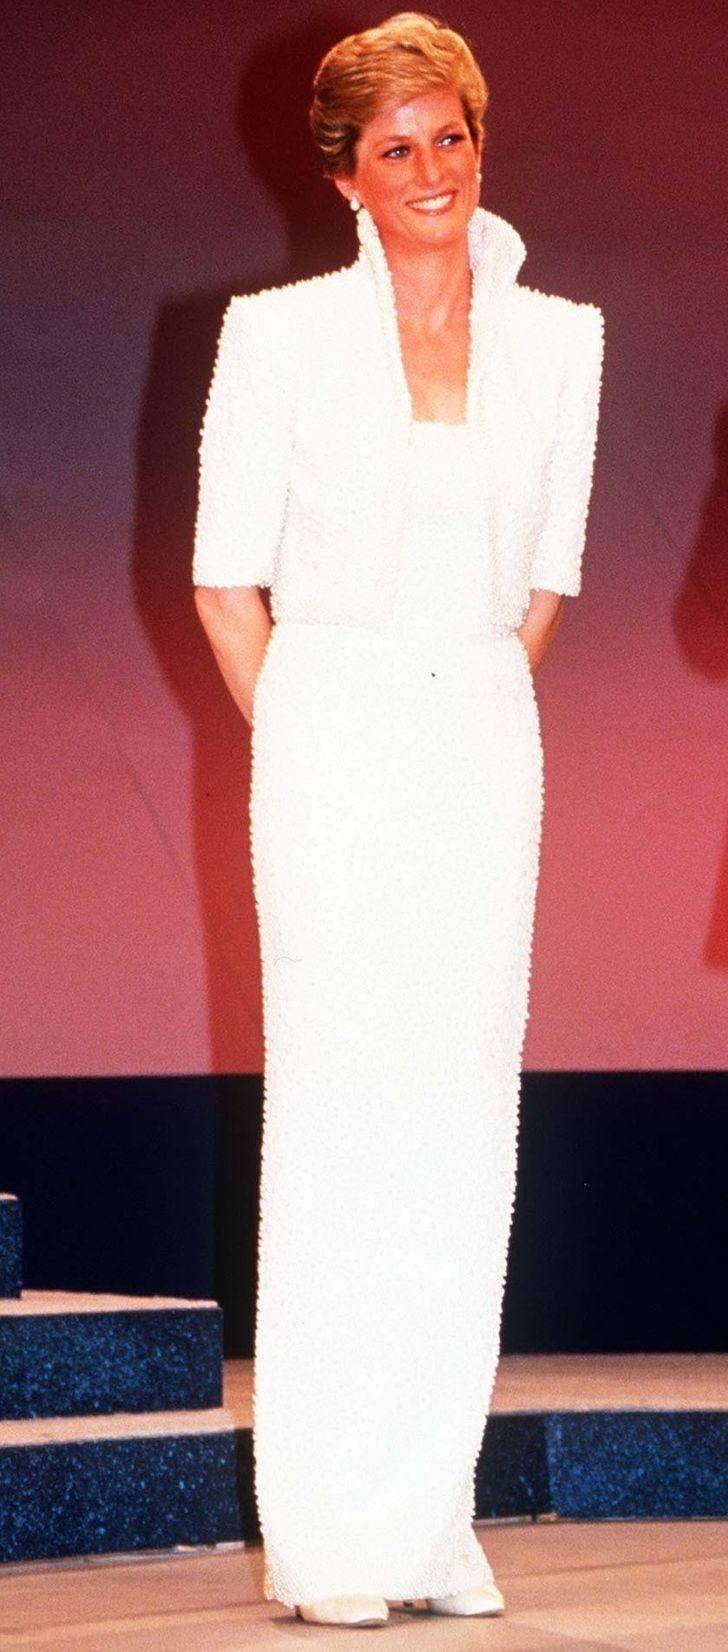 11 chiếc váy giúp công nương Diana trở thành biểu tượng thời trang - hình ảnh 7